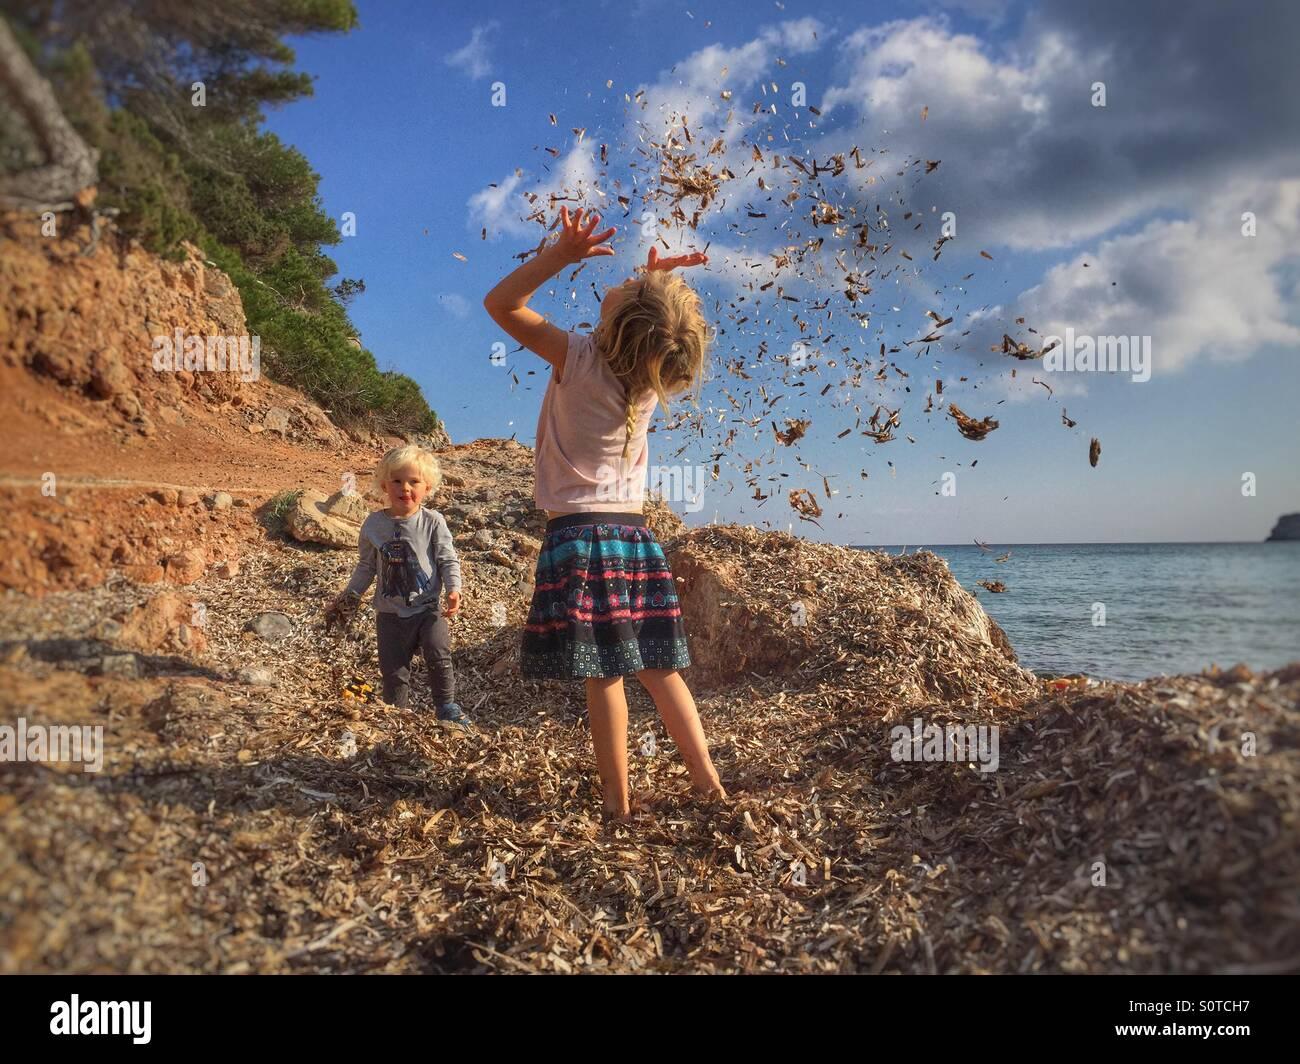 Kids throwing seaweed - Stock Image